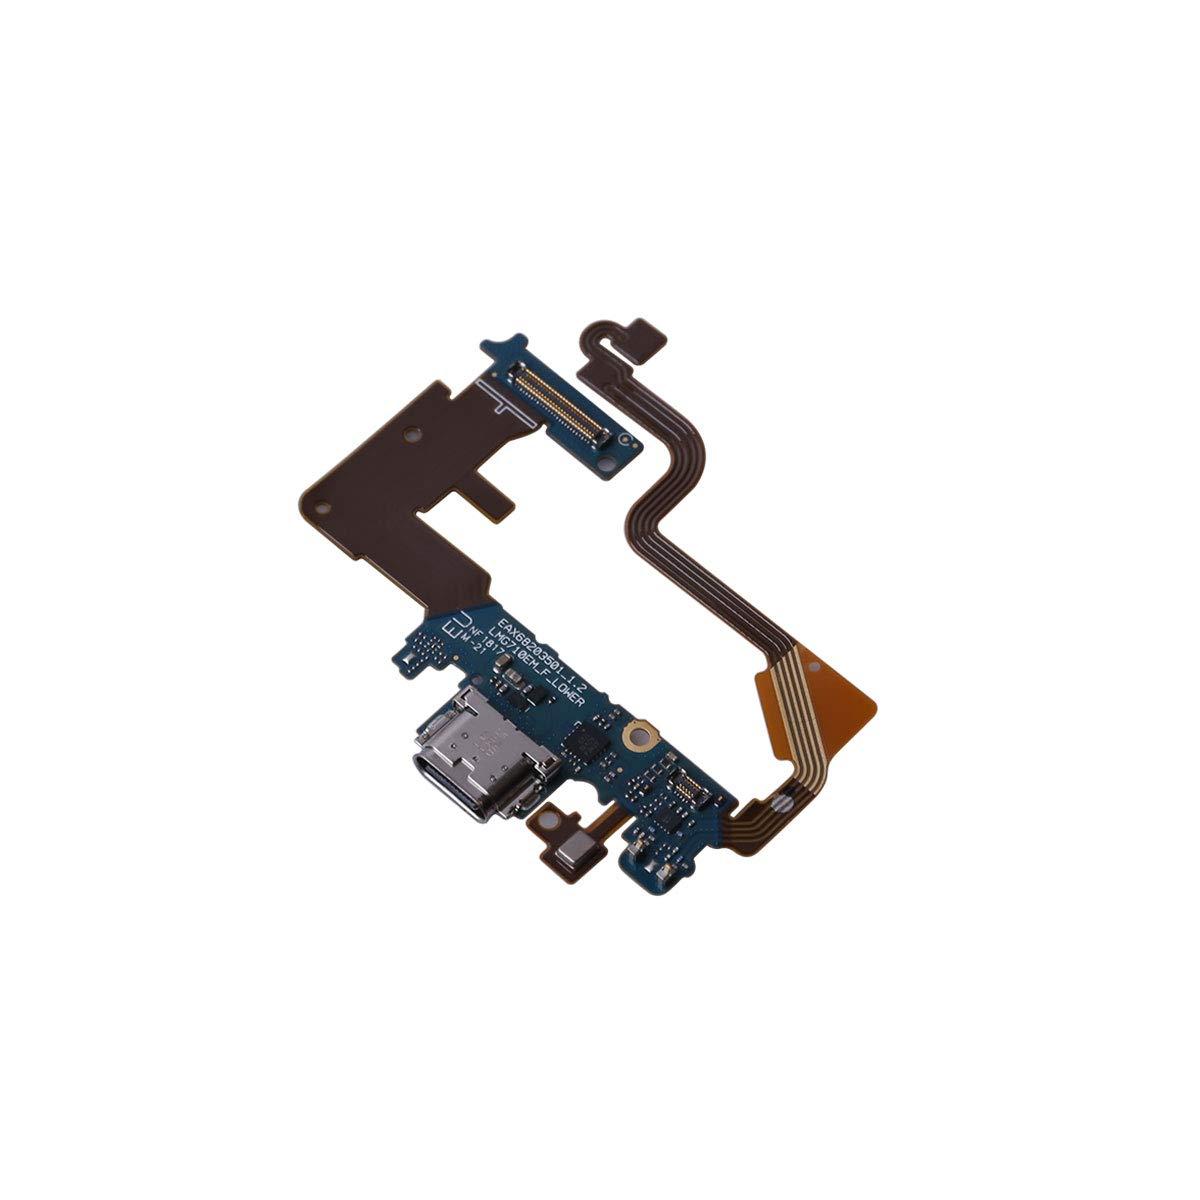 Puerto de Carga para LG G7 ThinQ G710 G710N LMG710AWMH LMG71